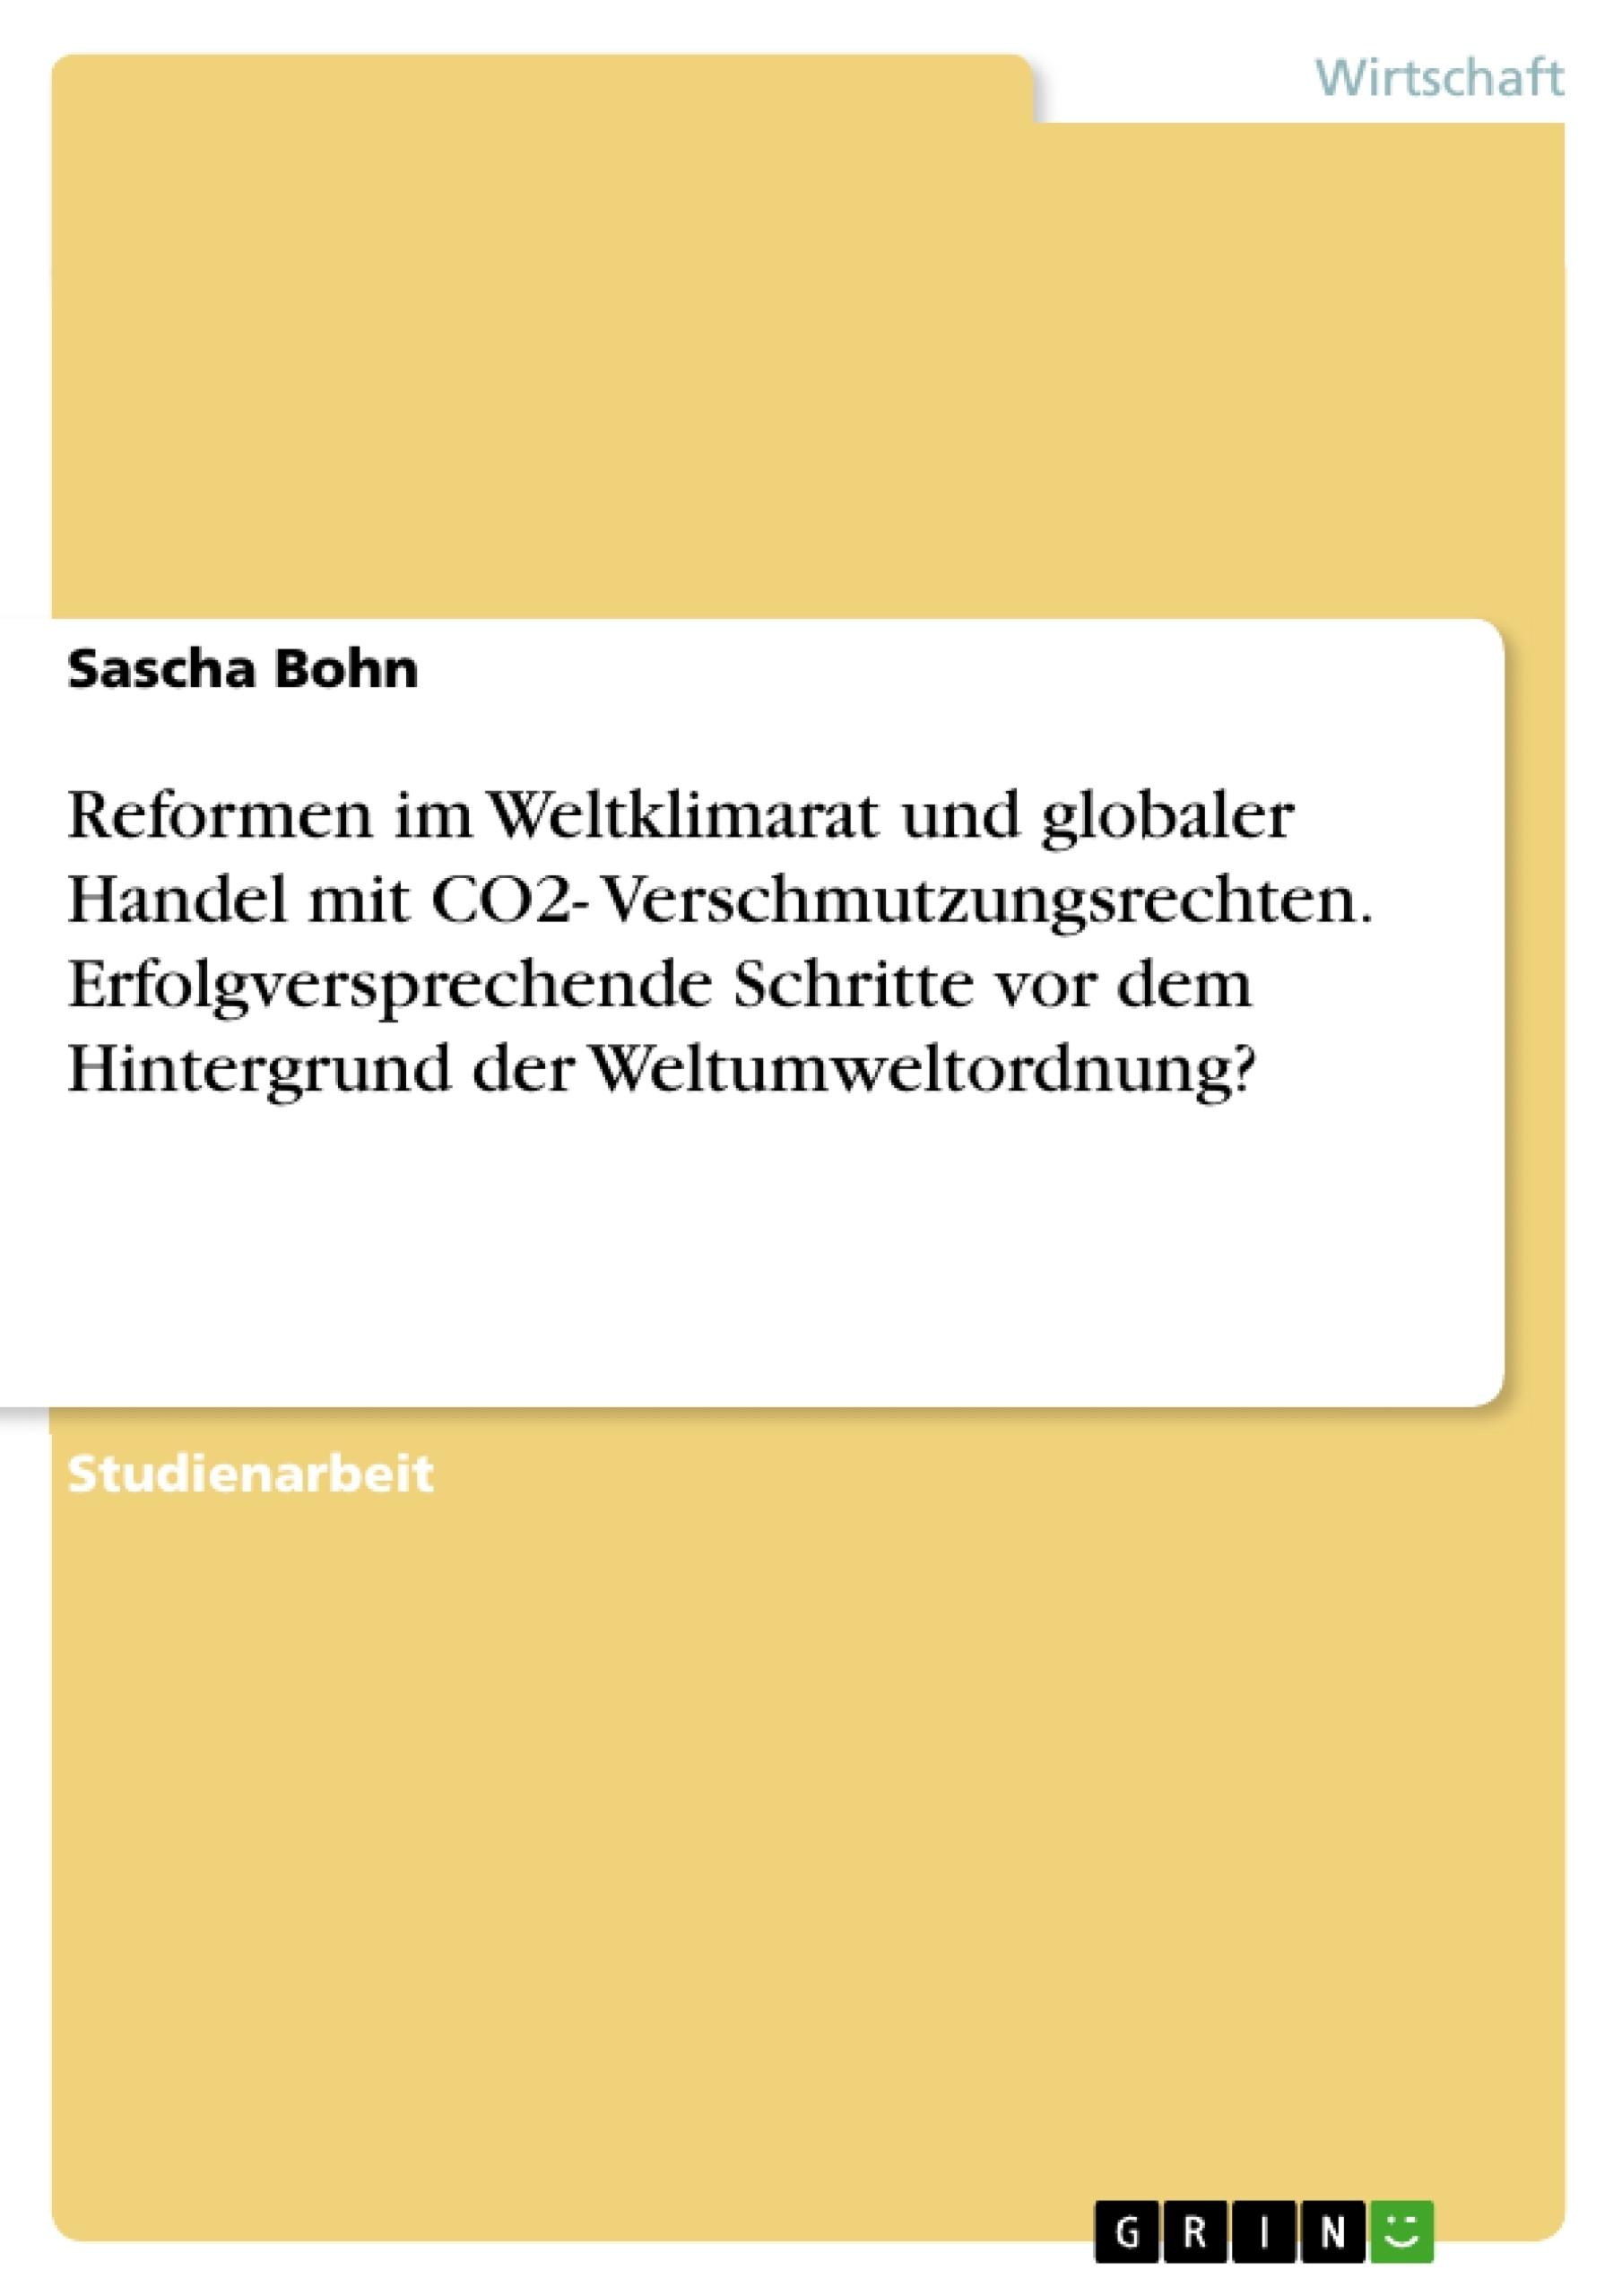 Titel: Reformen im Weltklimarat und globaler Handel mit CO2- Verschmutzungsrechten. Erfolgversprechende Schritte vor dem Hintergrund der Weltumweltordnung?